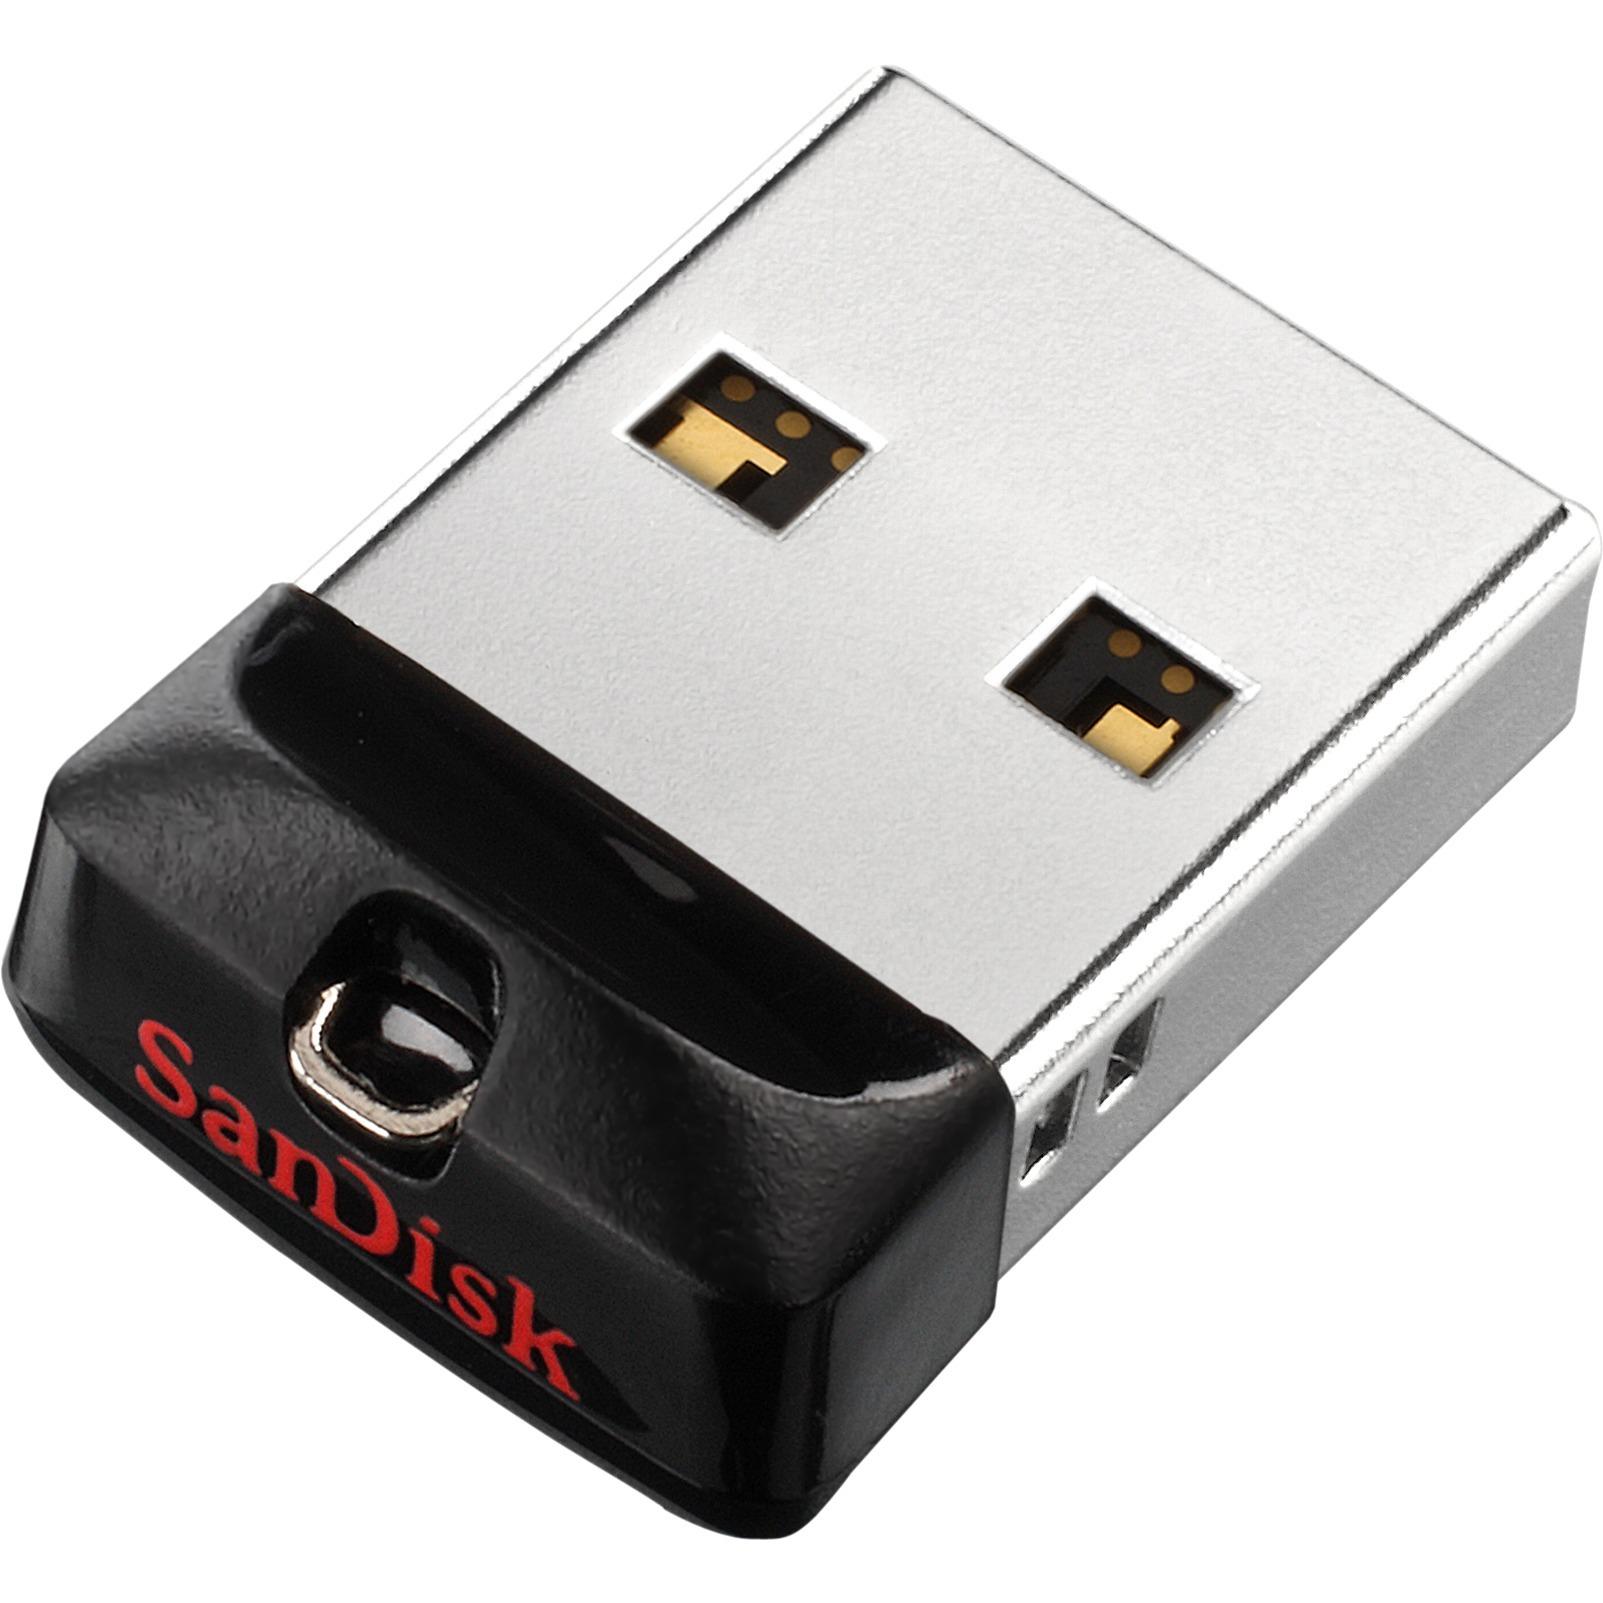 SanDisk Cruzer Fit 32 GB USB 2.0 Flash Drive - Black, Magenta